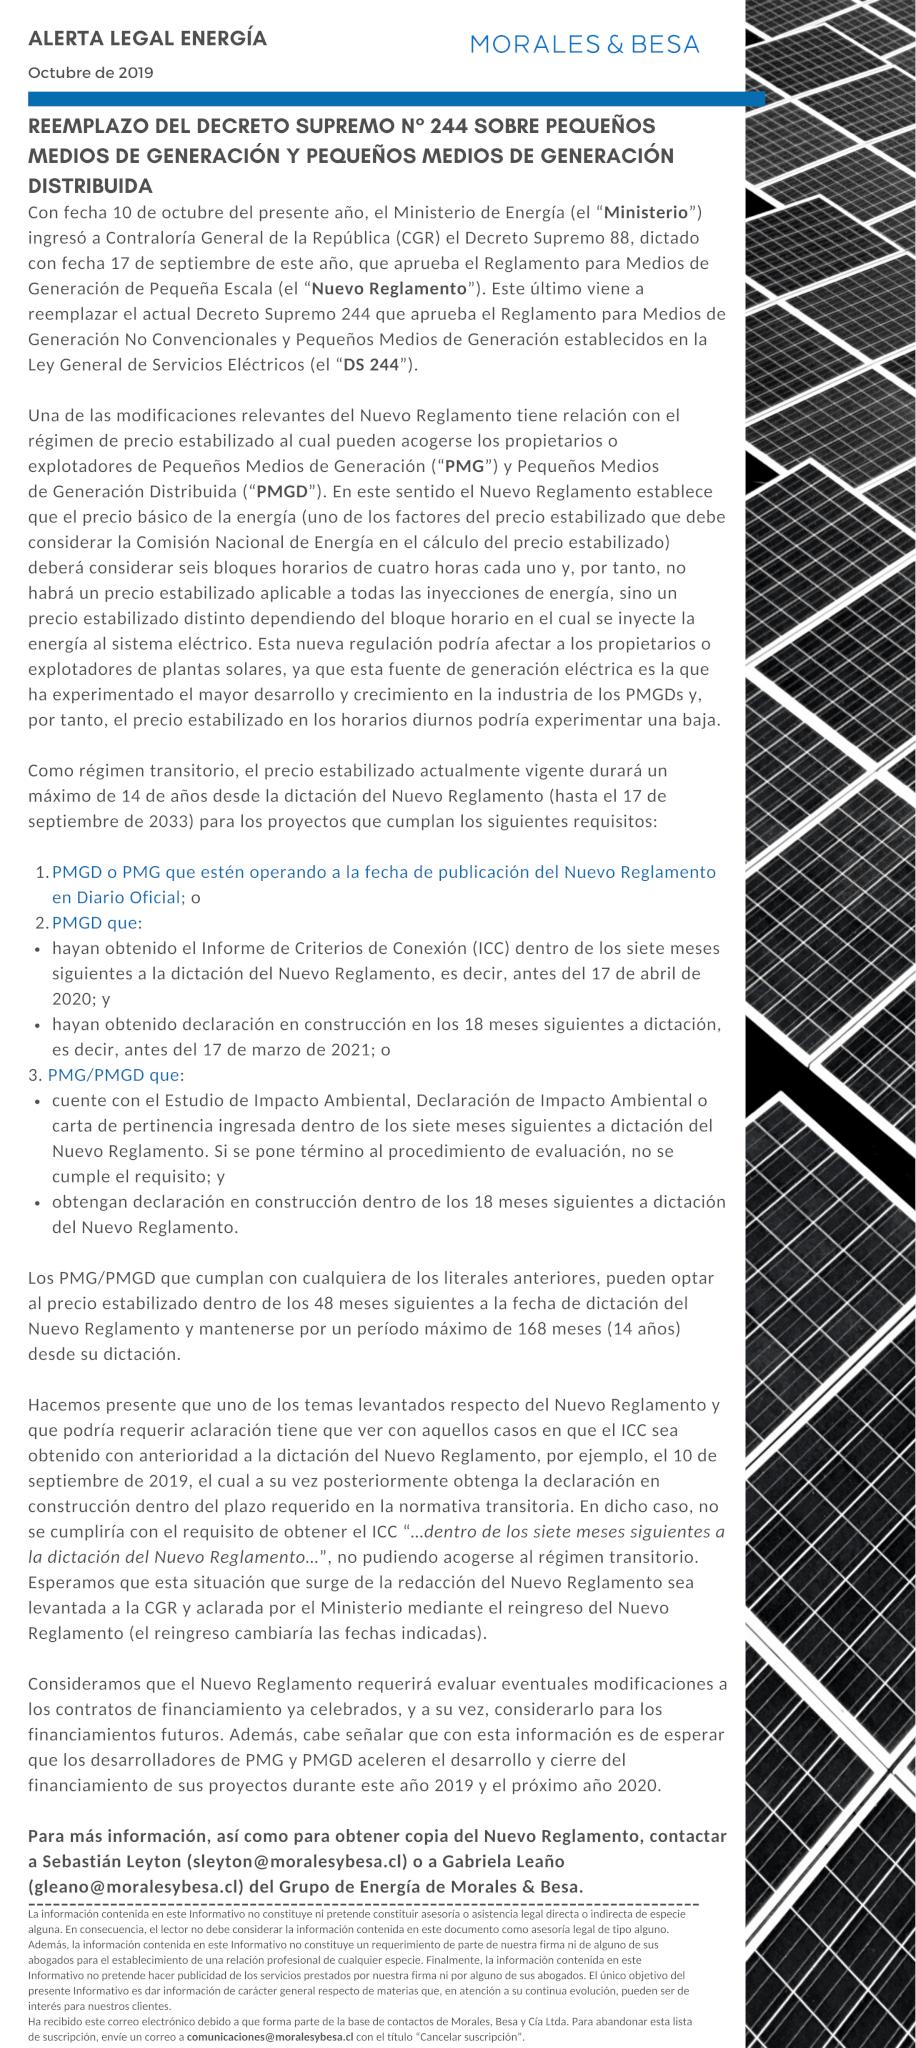 Alerta Legal M&B Energía - Octubre 2019